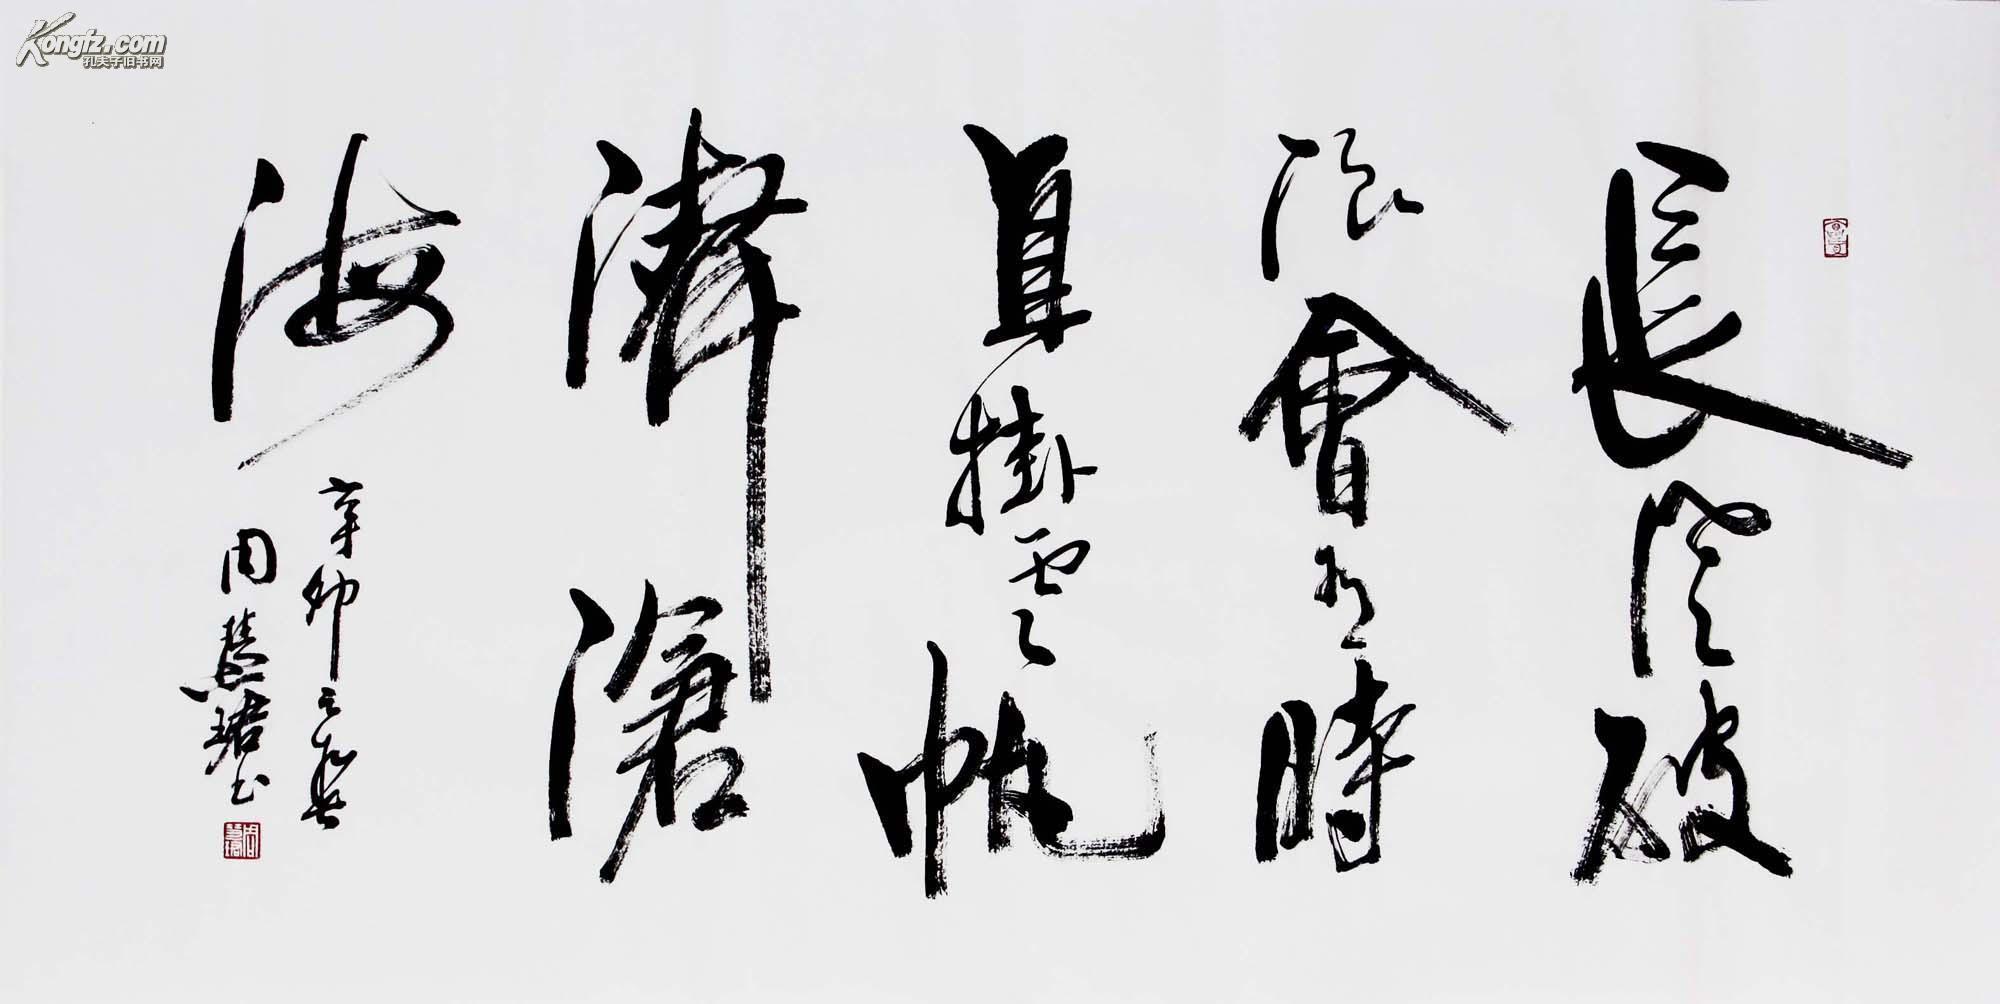 [转载]周慧珺行书书法字帖欣赏图片